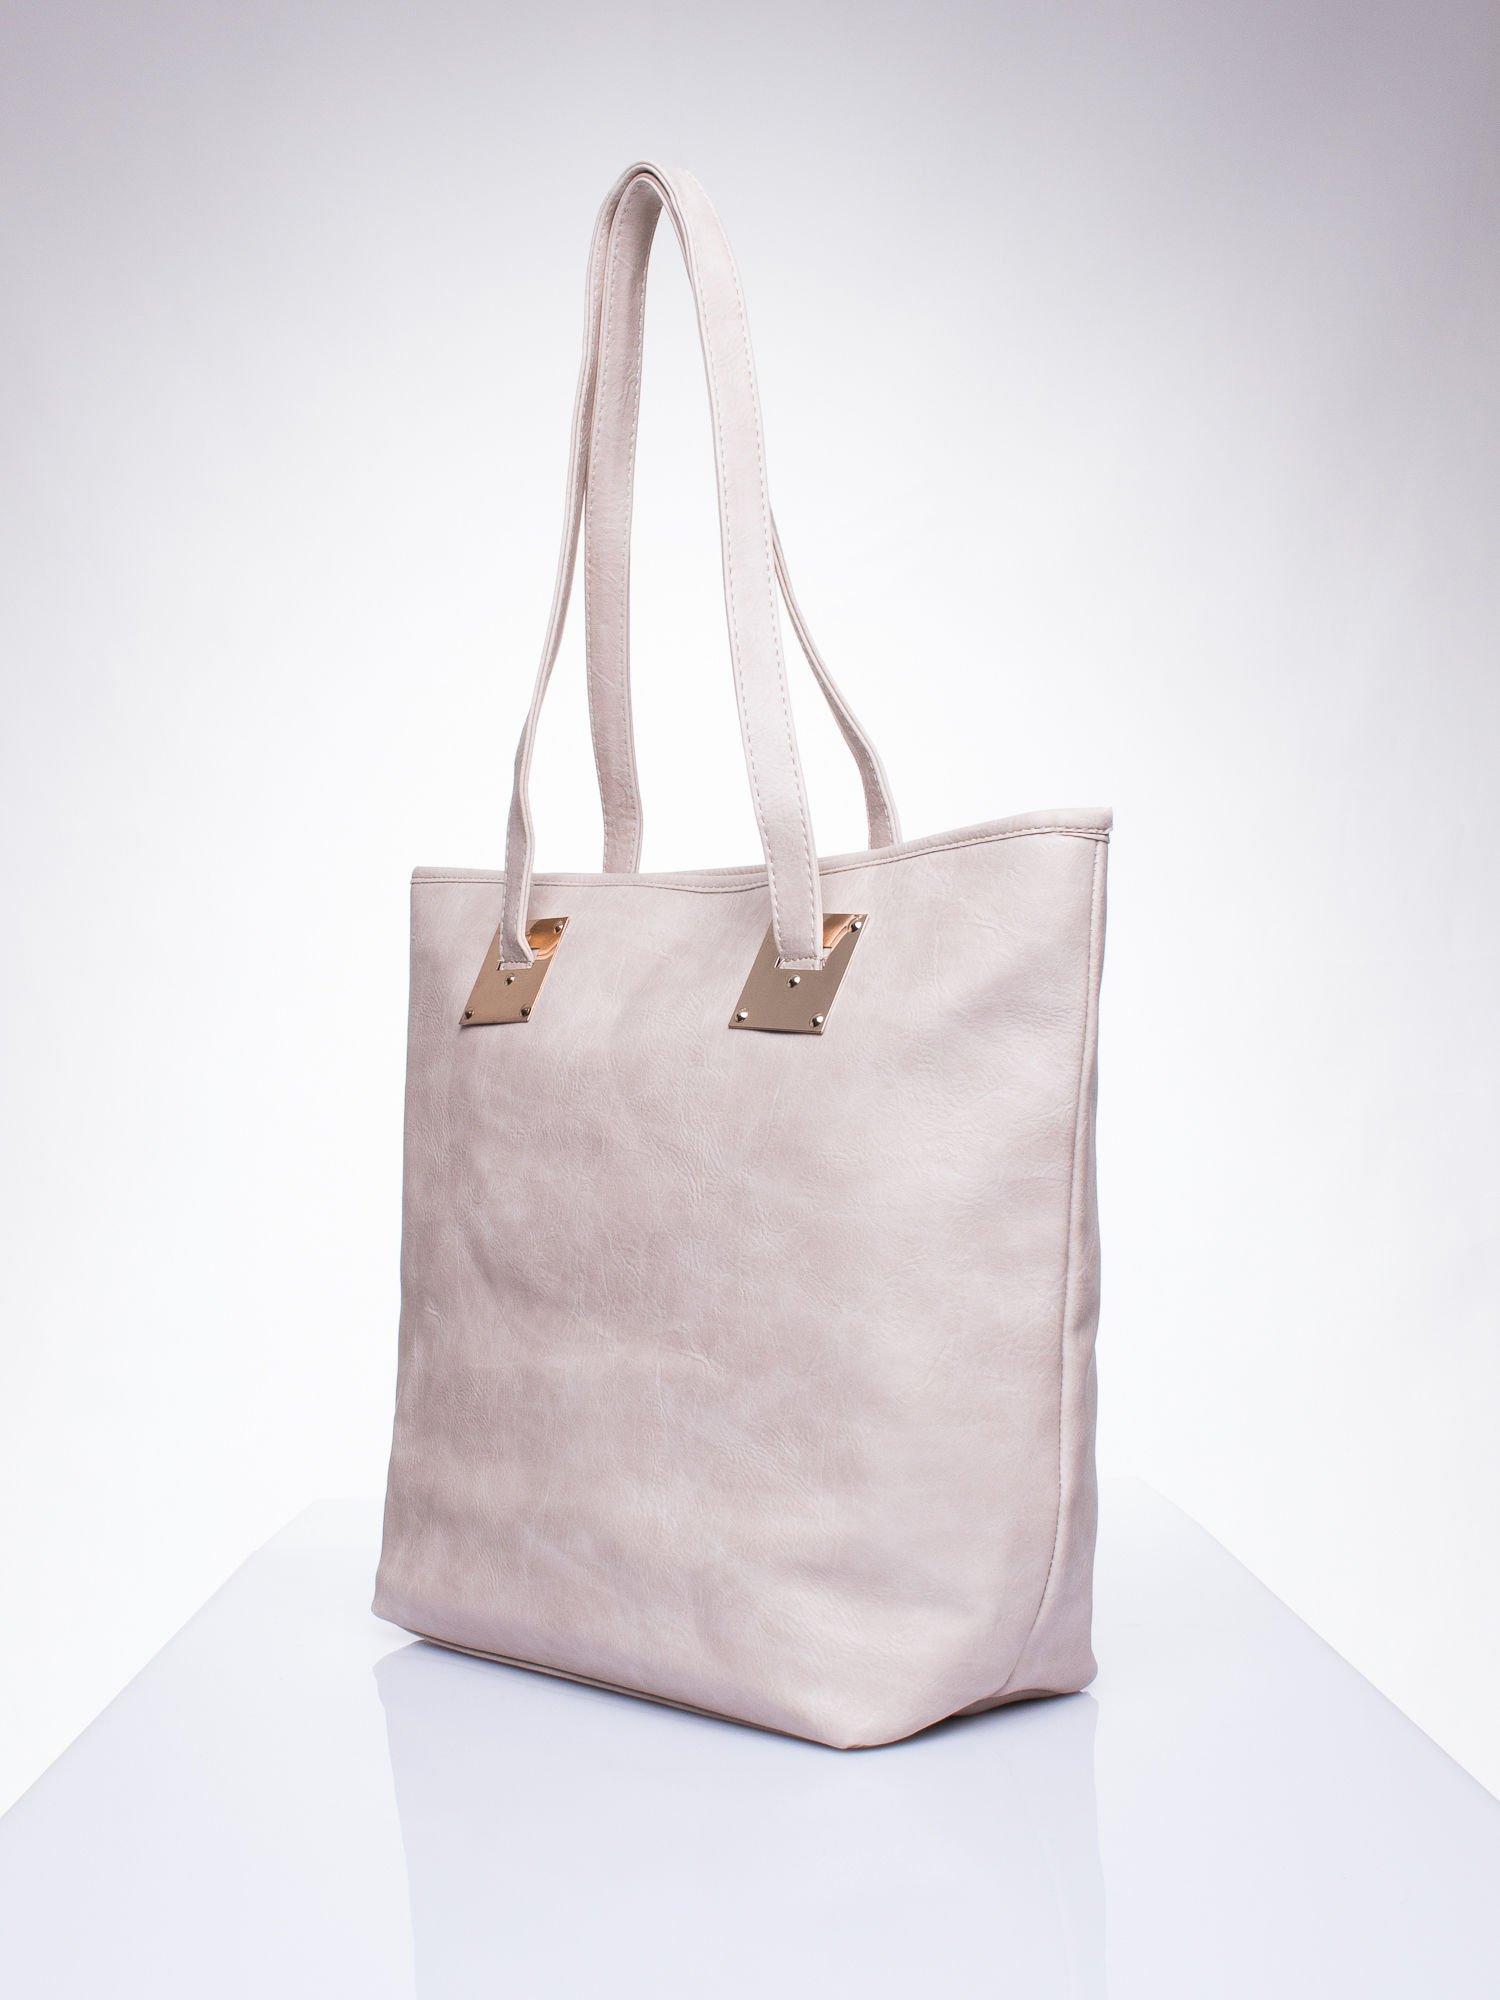 Beżowa prosta torba shopper bag ze złotymi okuciami                                  zdj.                                  2